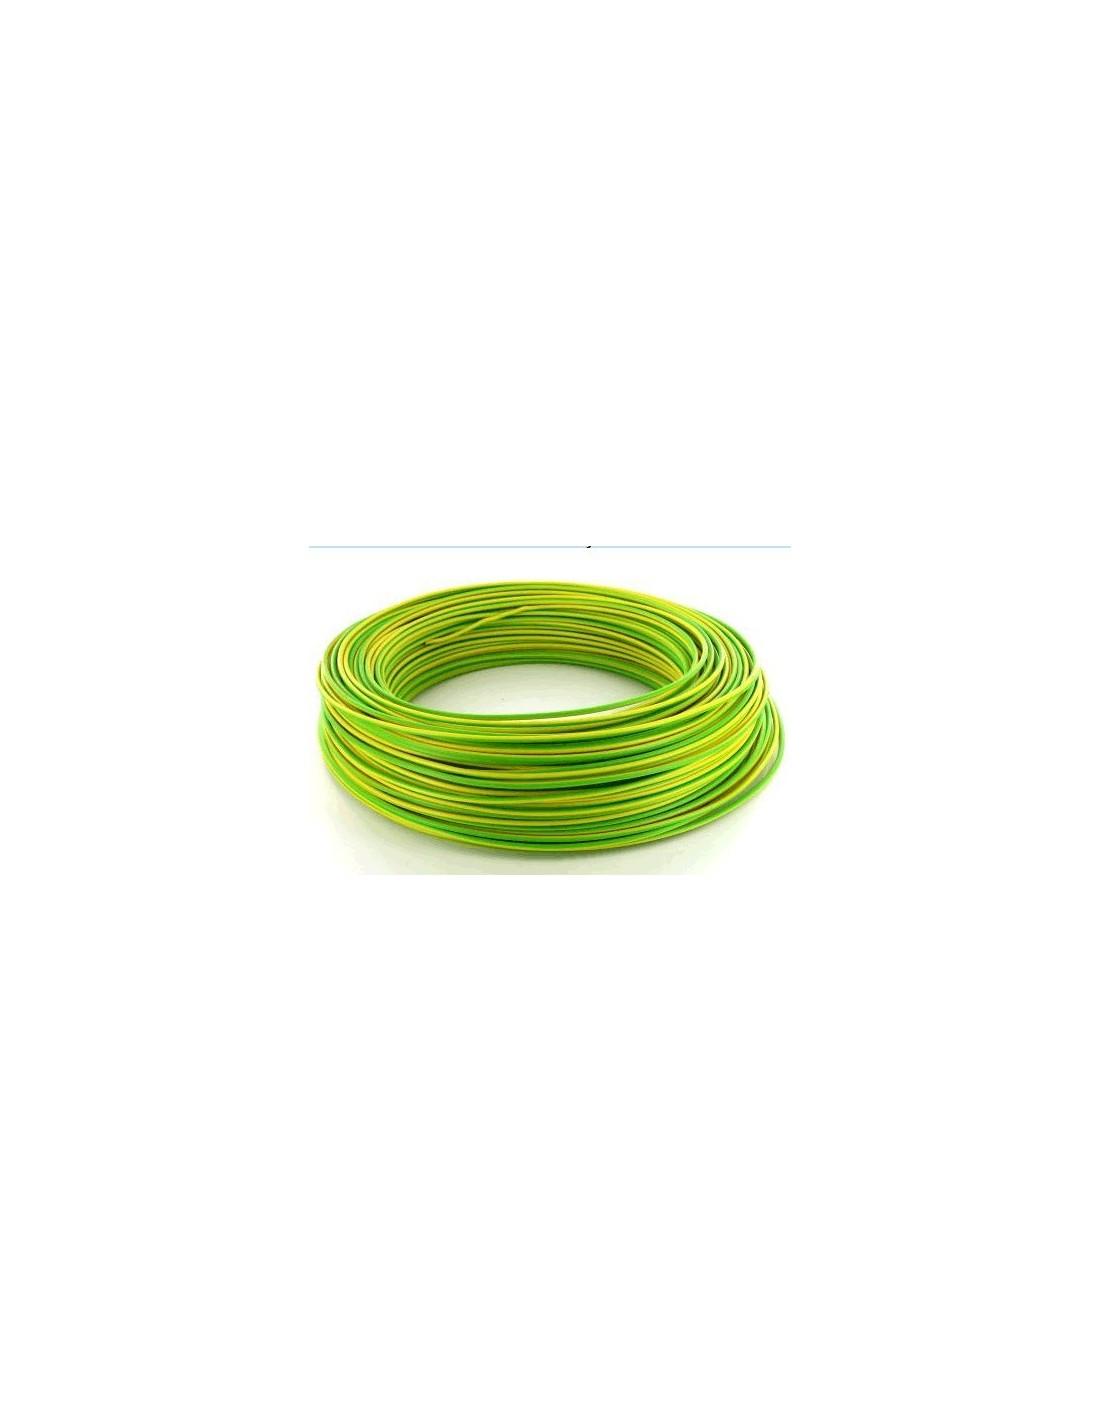 Fil souple vert jaune h07vk4 au m tre - Cable electrique 4mm2 ...